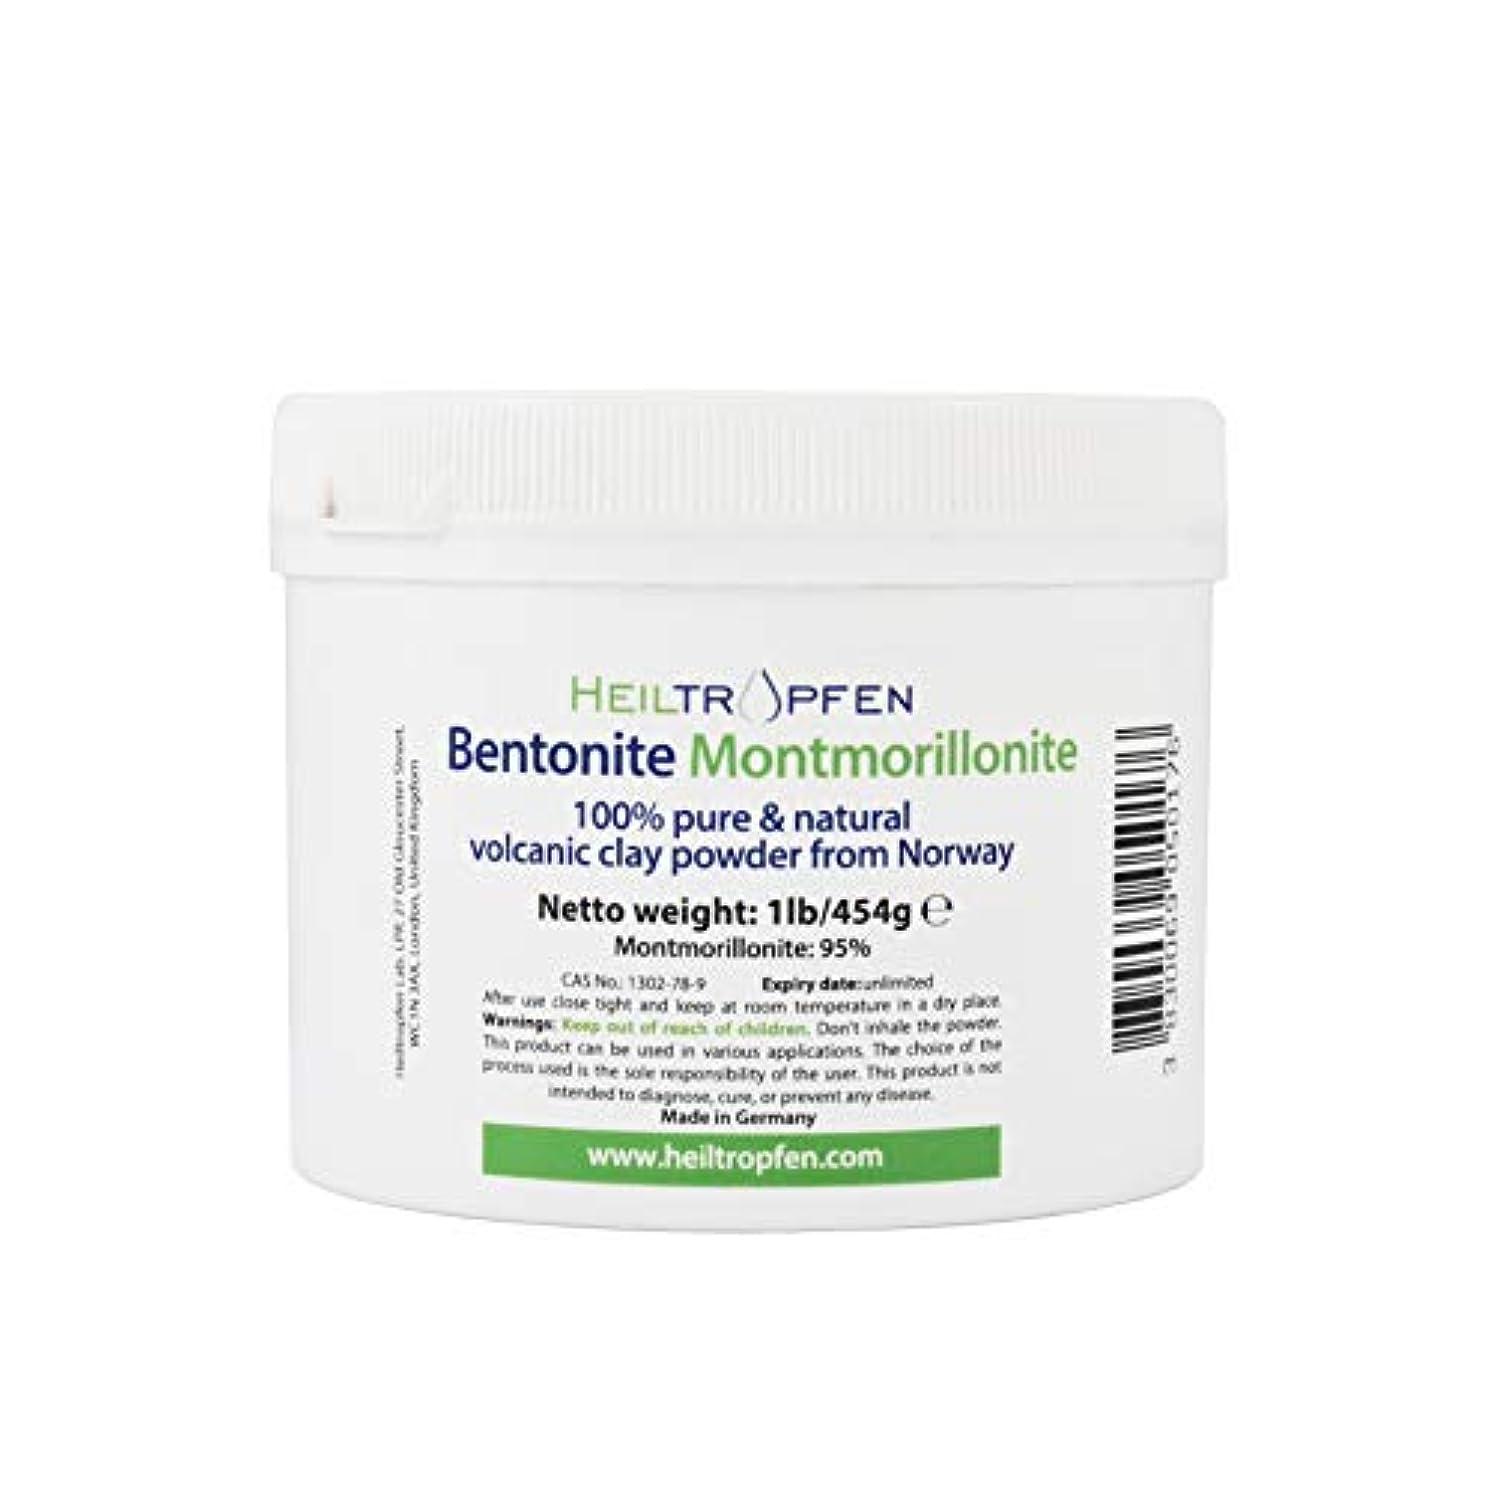 ピアノ刃反対にベントナイトモンモリロナイトパウダー、1lb-454g、ウルトラファイン、モンモリロナイト含有量:95%、天然ミネラルダスト。bentonite